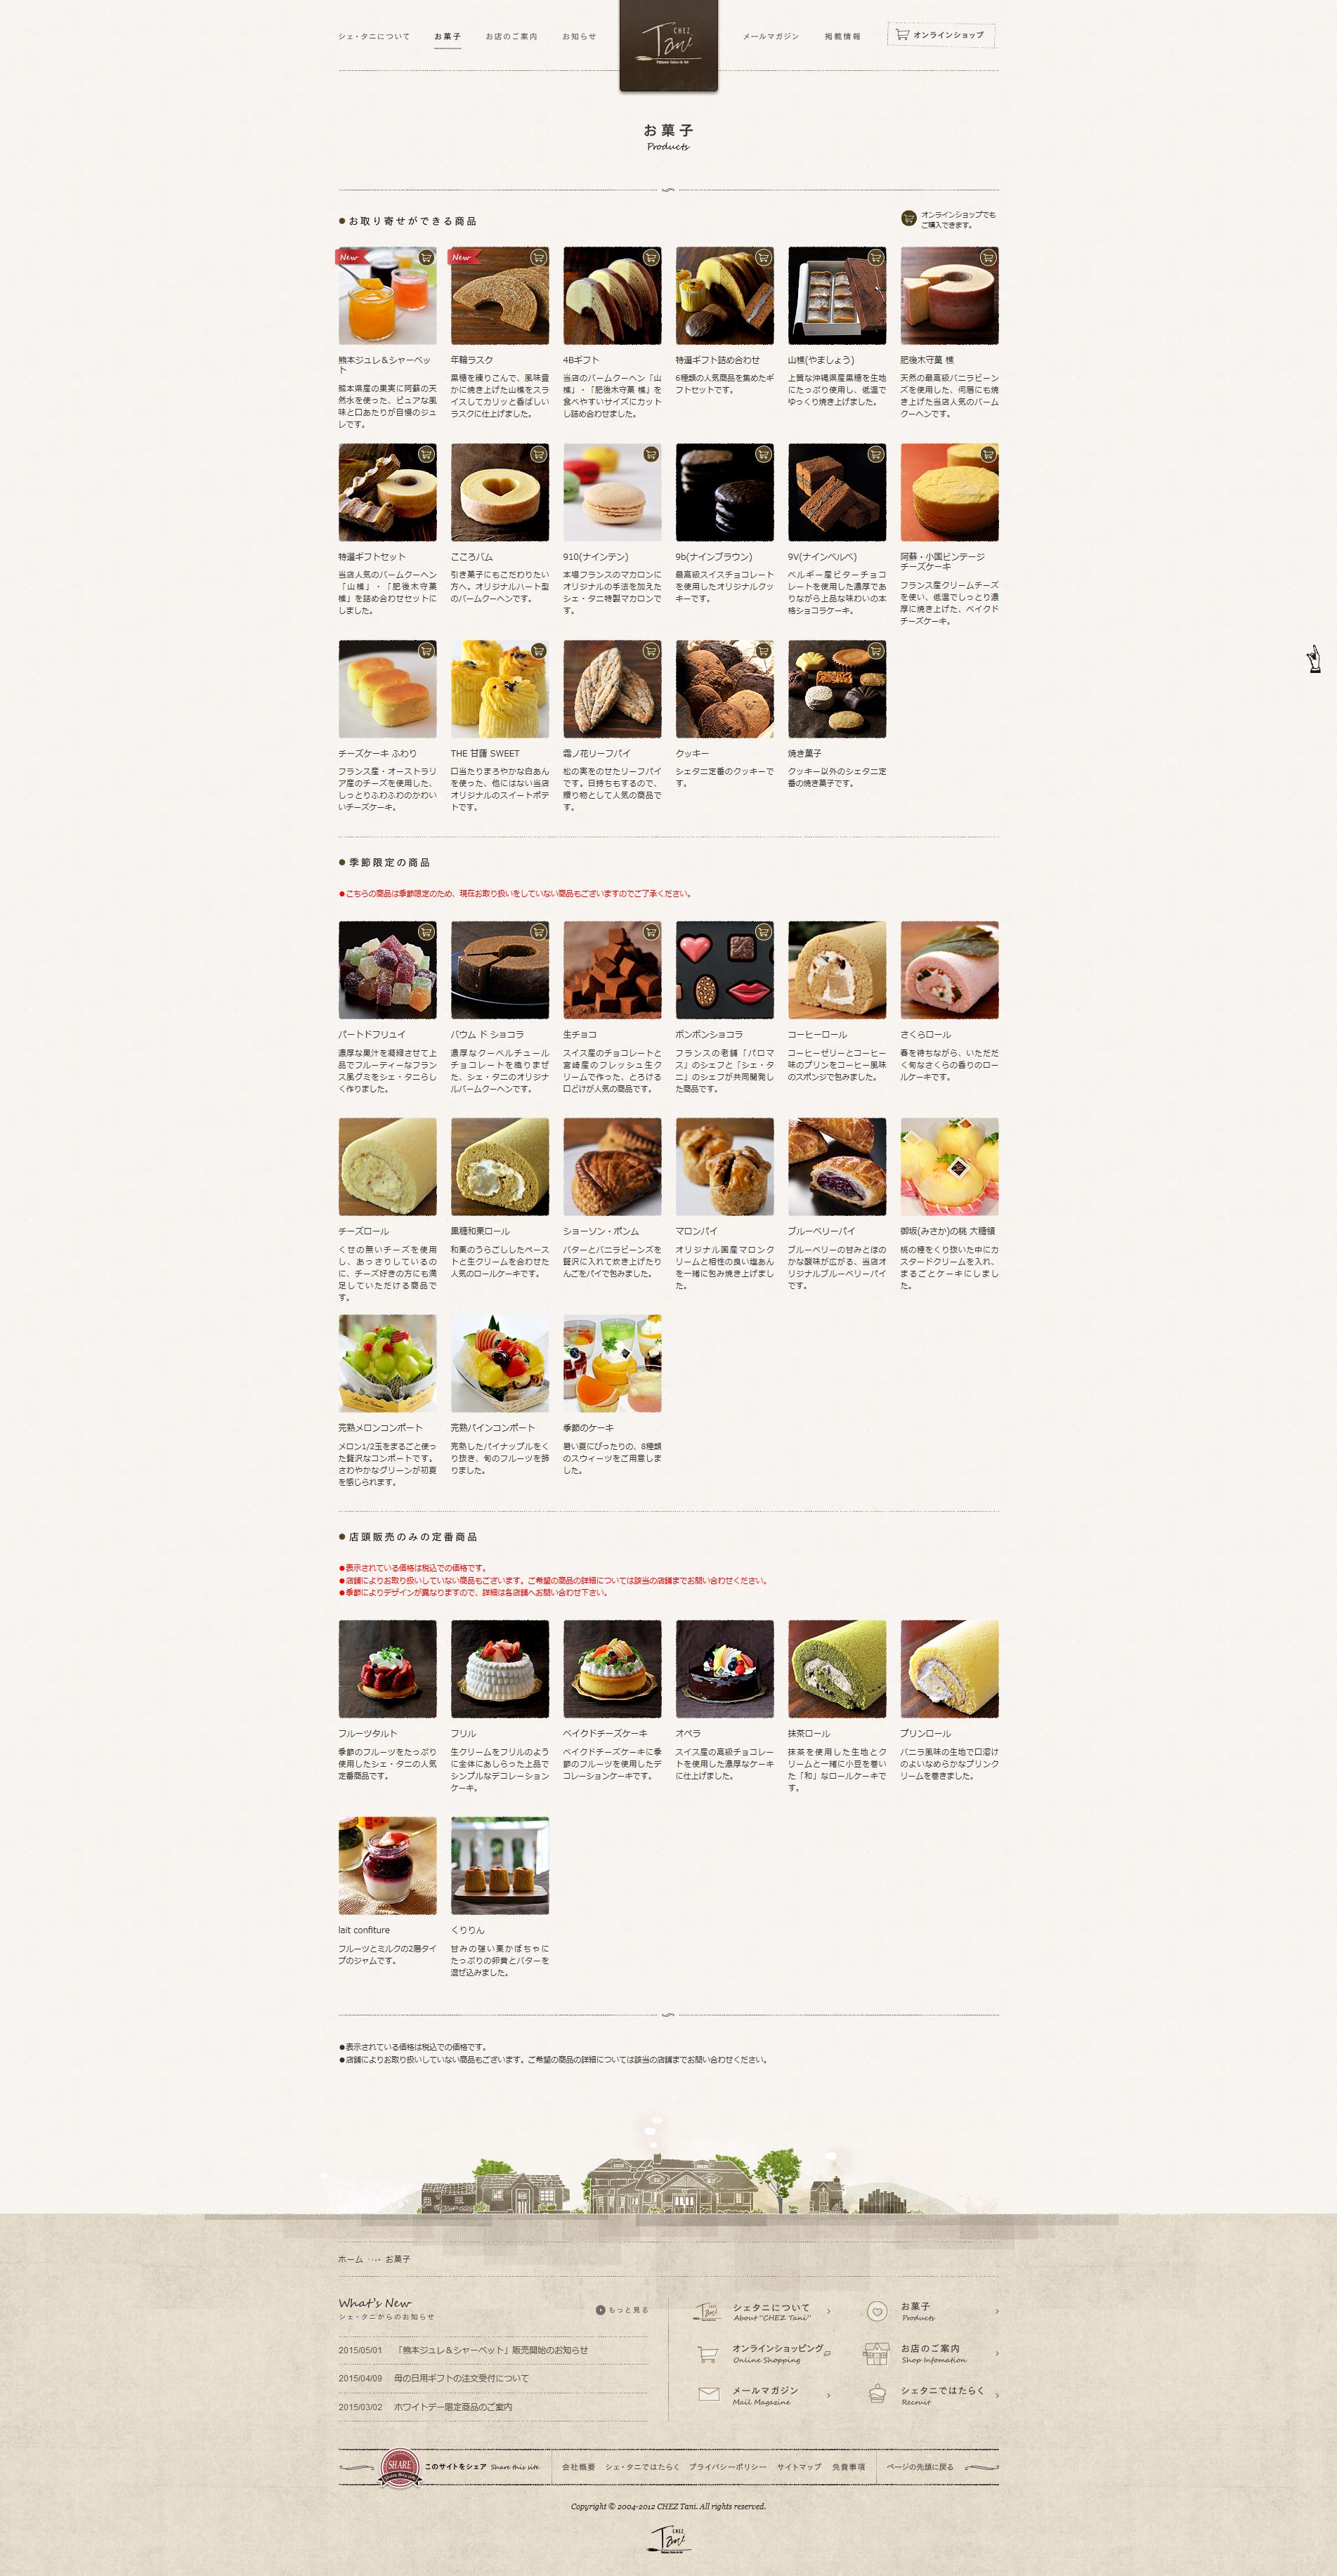 カフェ 茶色 ブラウン フード お菓子 商品紹介 商品一覧